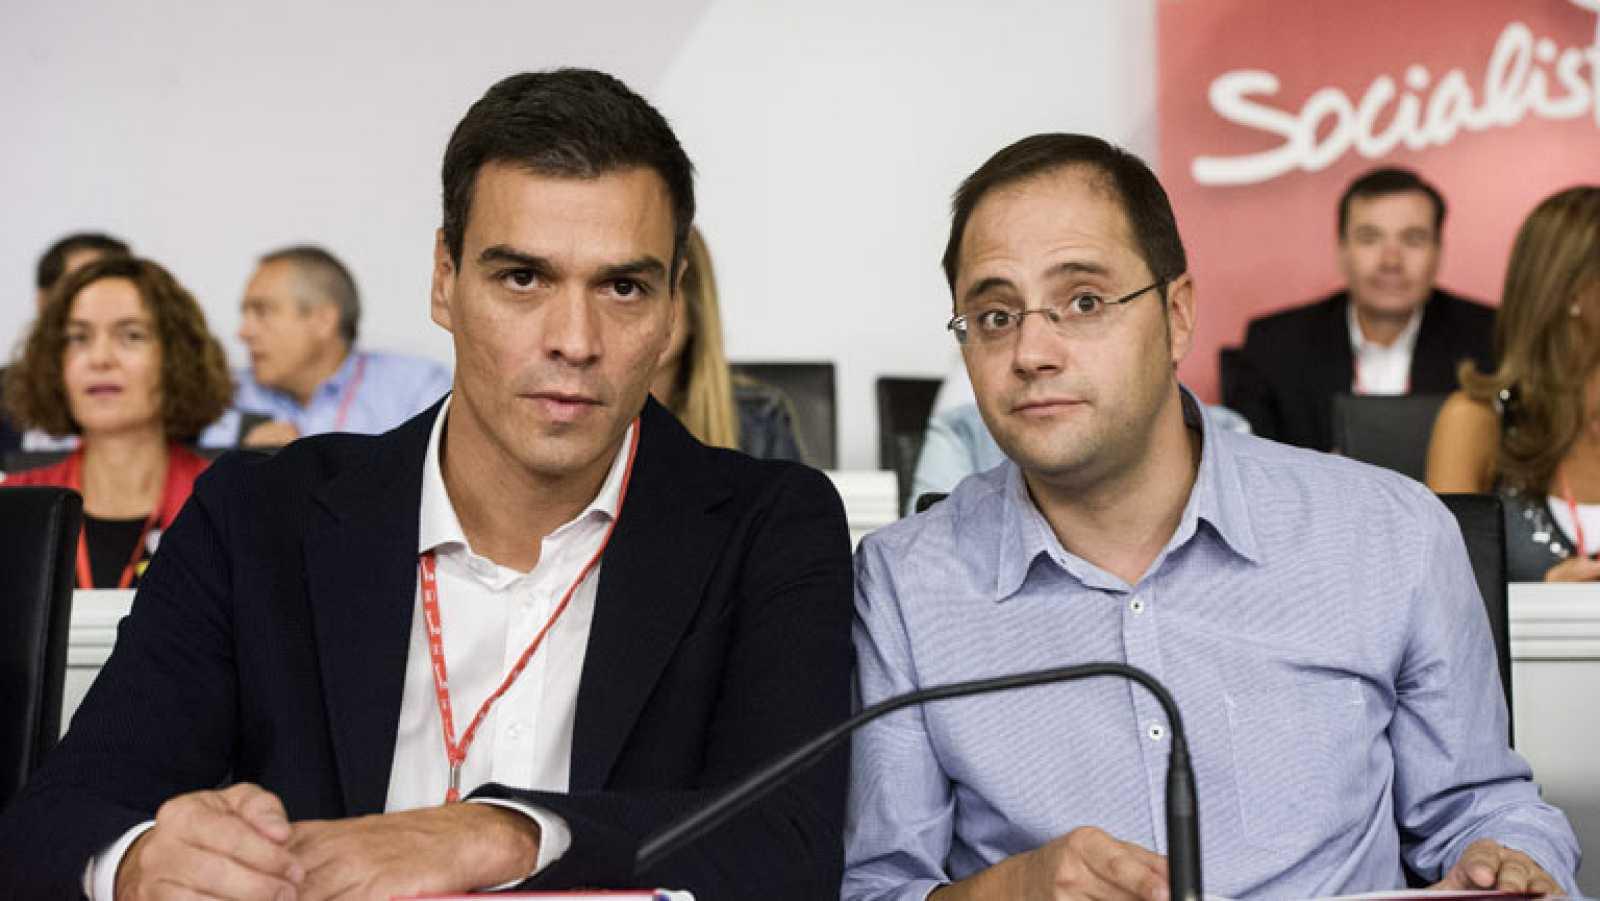 El líder del PSOE se presentará a las primarias para elegir el candidato a la Moncloa en 2015